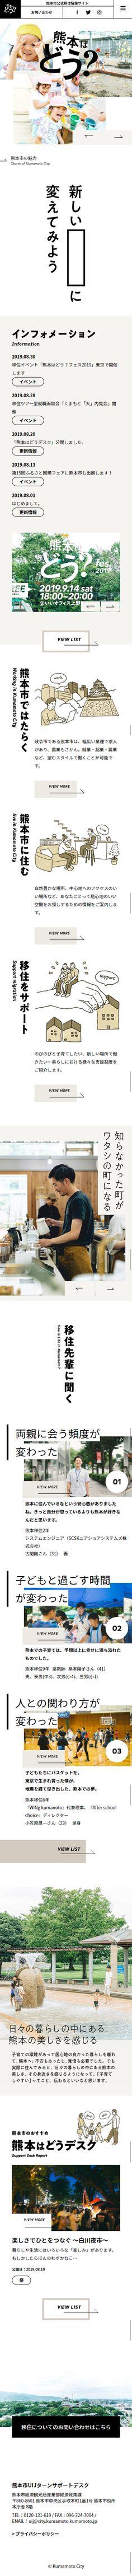 Japan Design, Web Design, Japanese Design, Design Web, Website Designs, Site Design